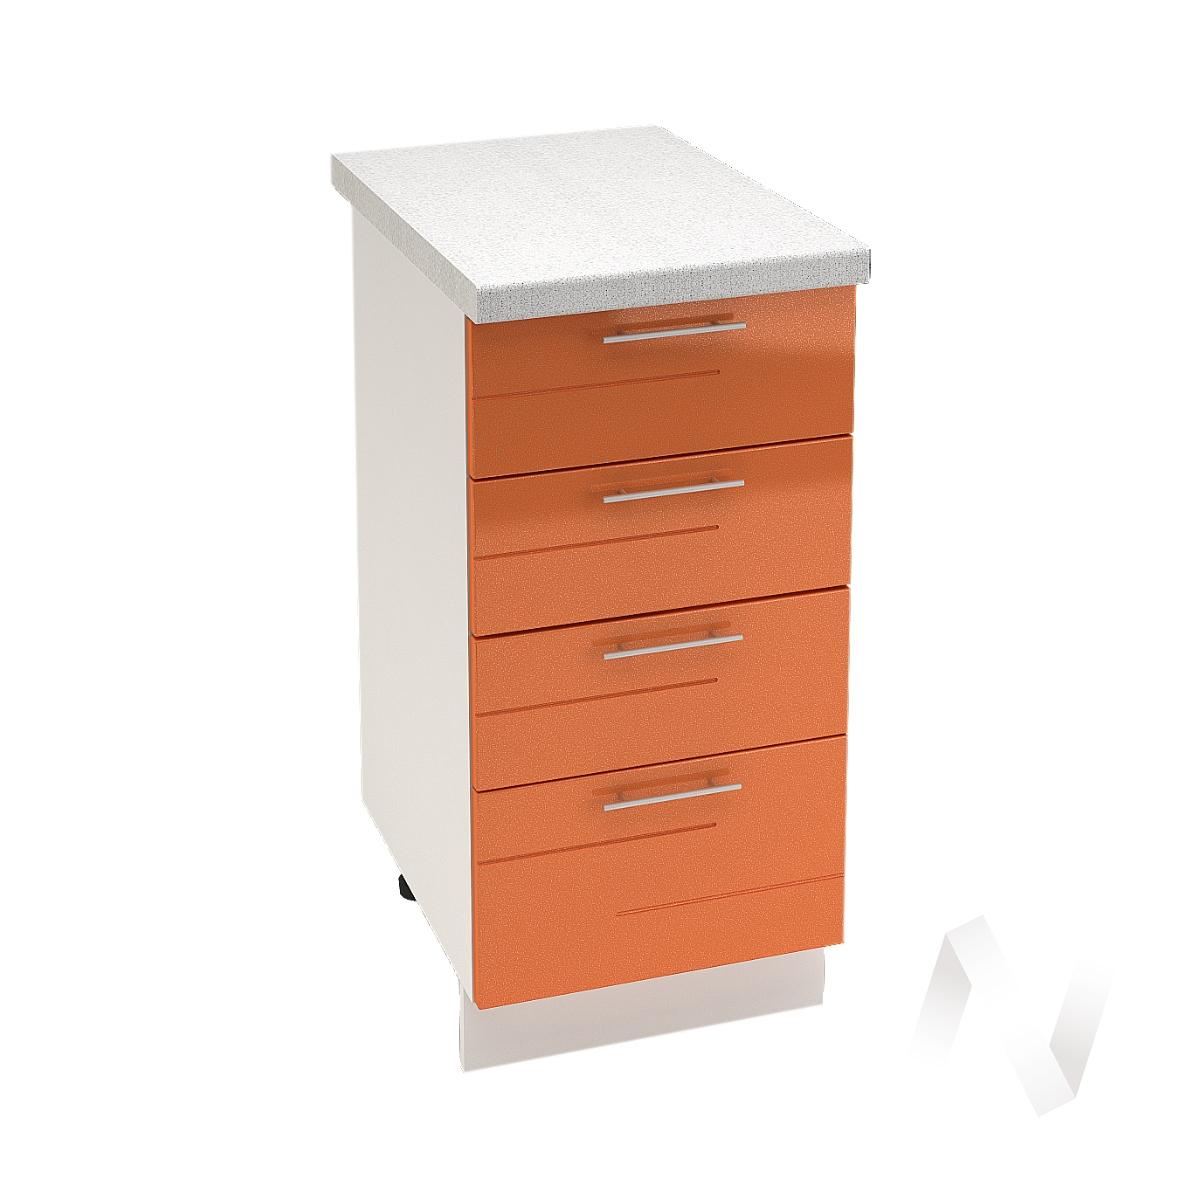 """Кухня """"Техно"""": Шкаф нижний с 4-мя ящиками 400, ШН4Я 400 (корпус белый)"""